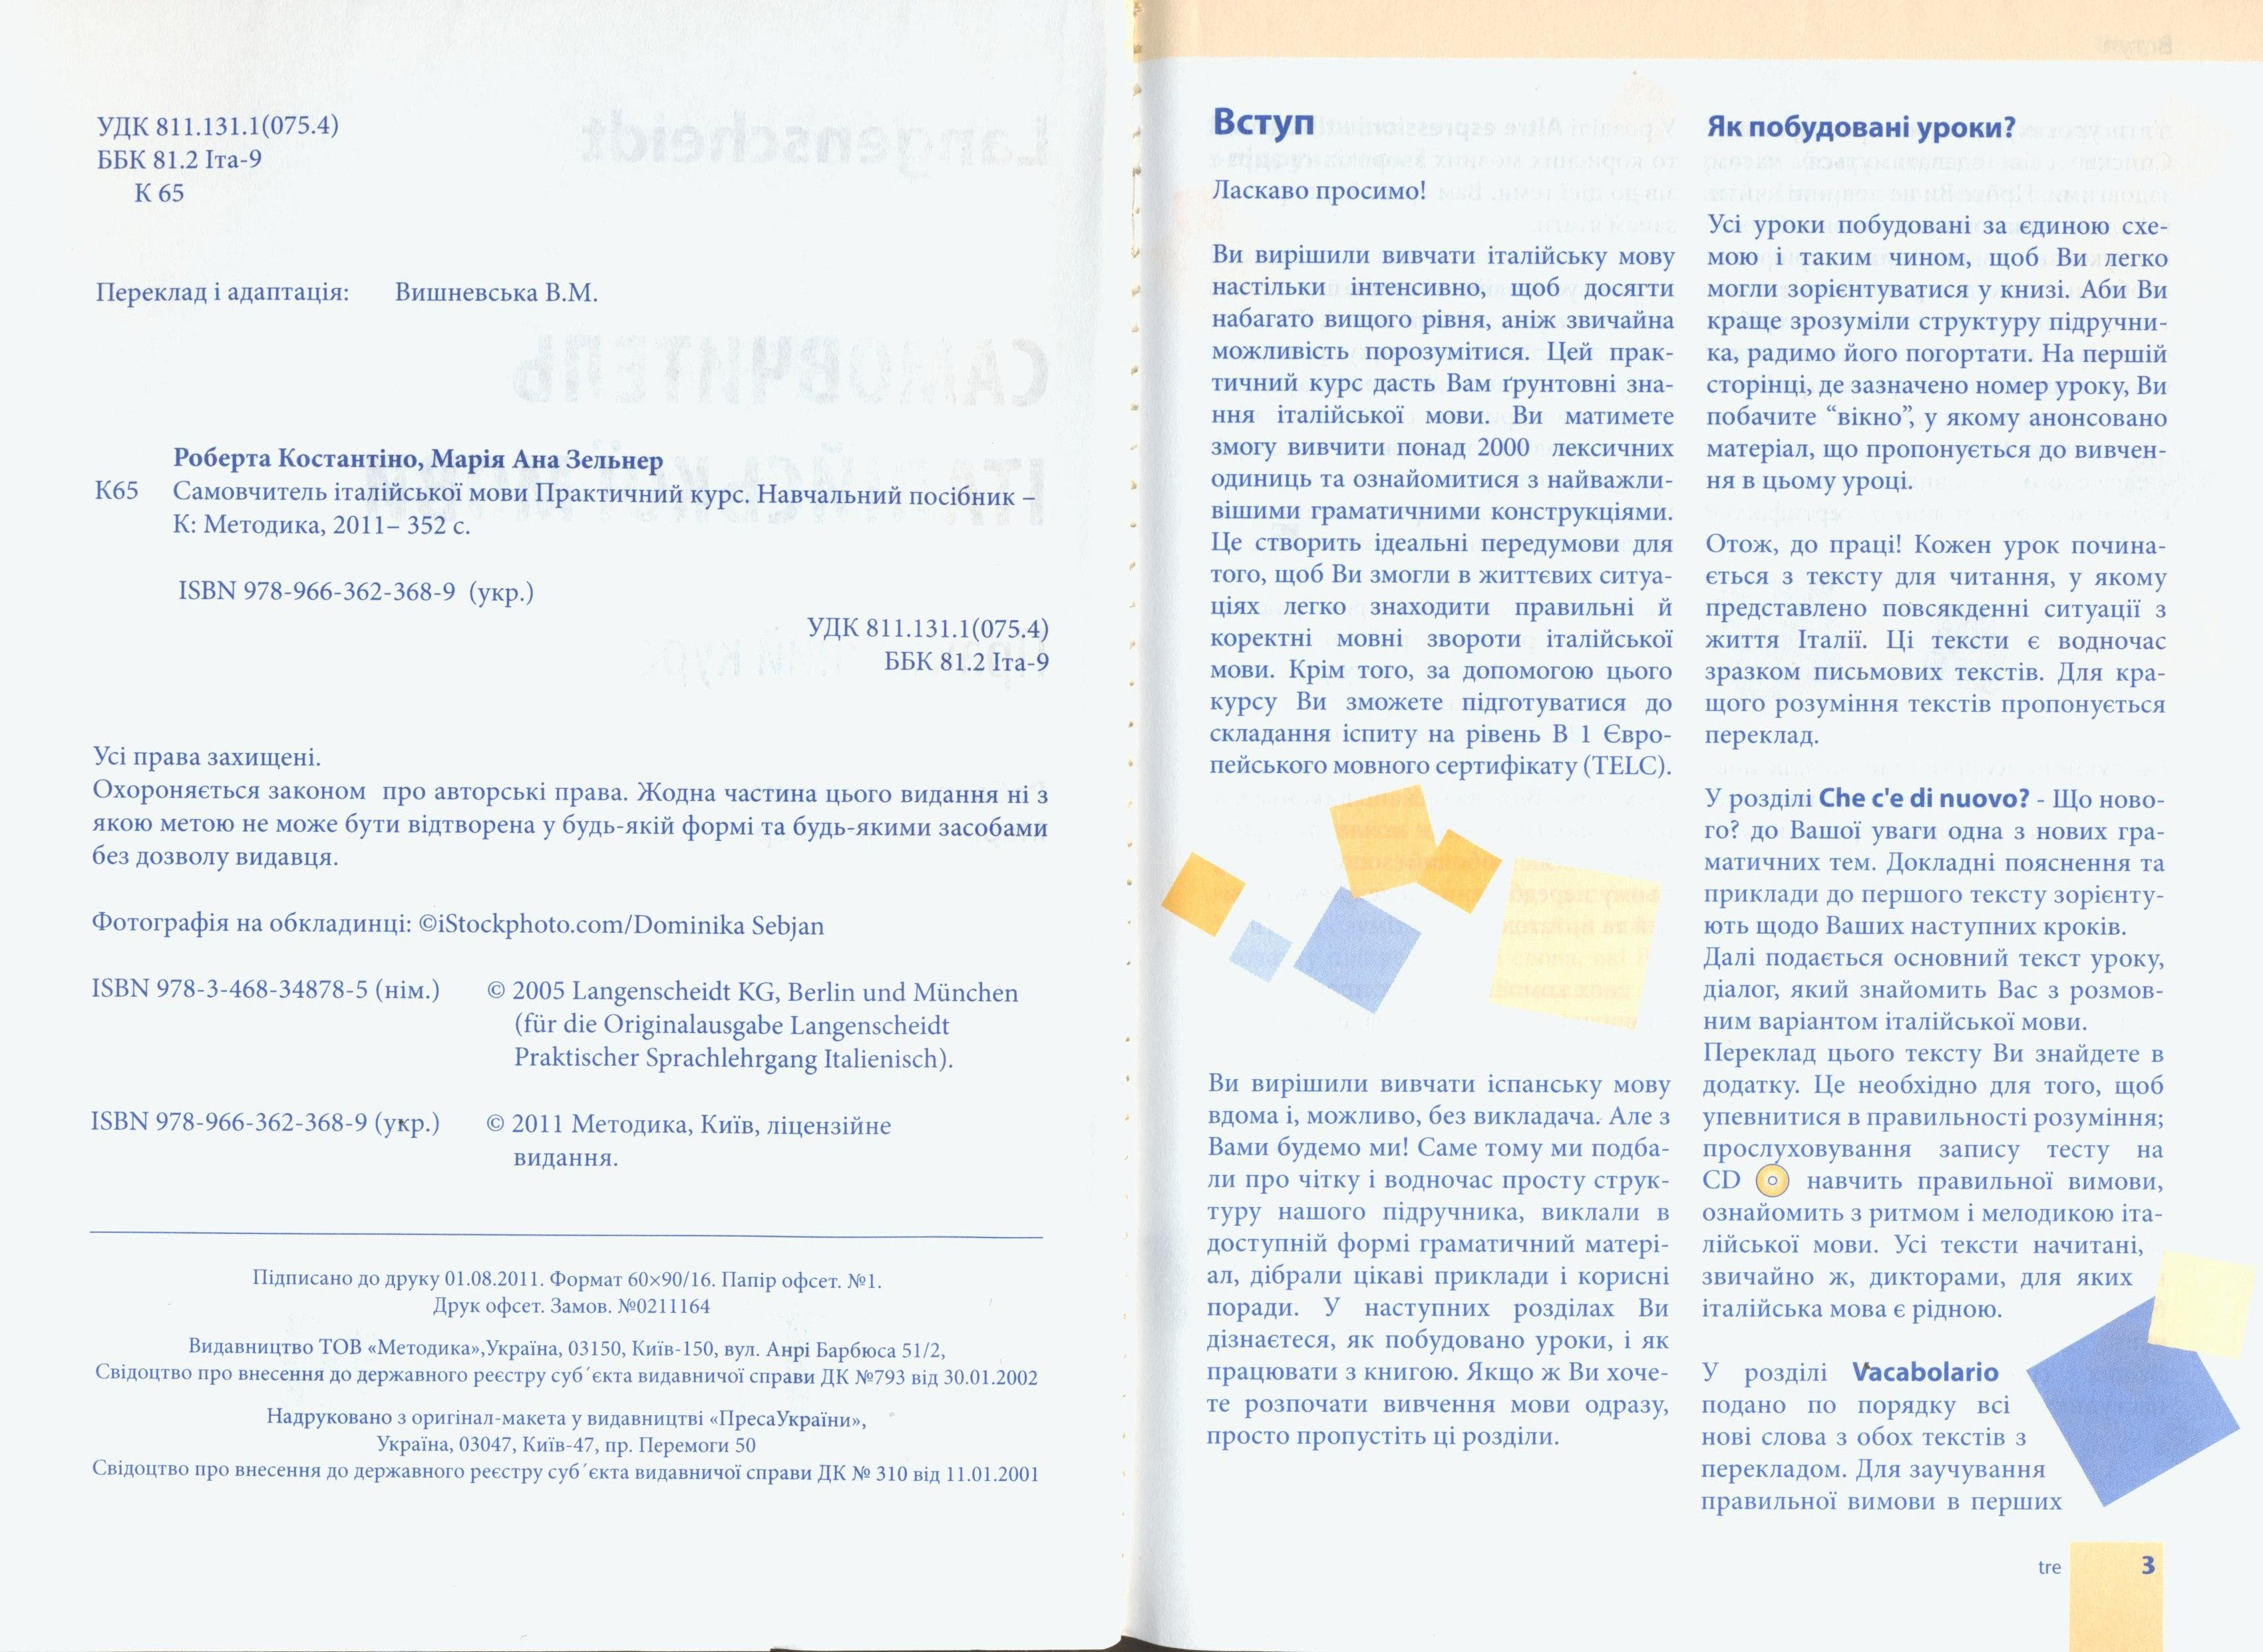 Самовчитель італійської мови. Практичний курс. Рівень B1 - Роберто Константіно, Анна Марія Зельнер (книга + 4 диска)